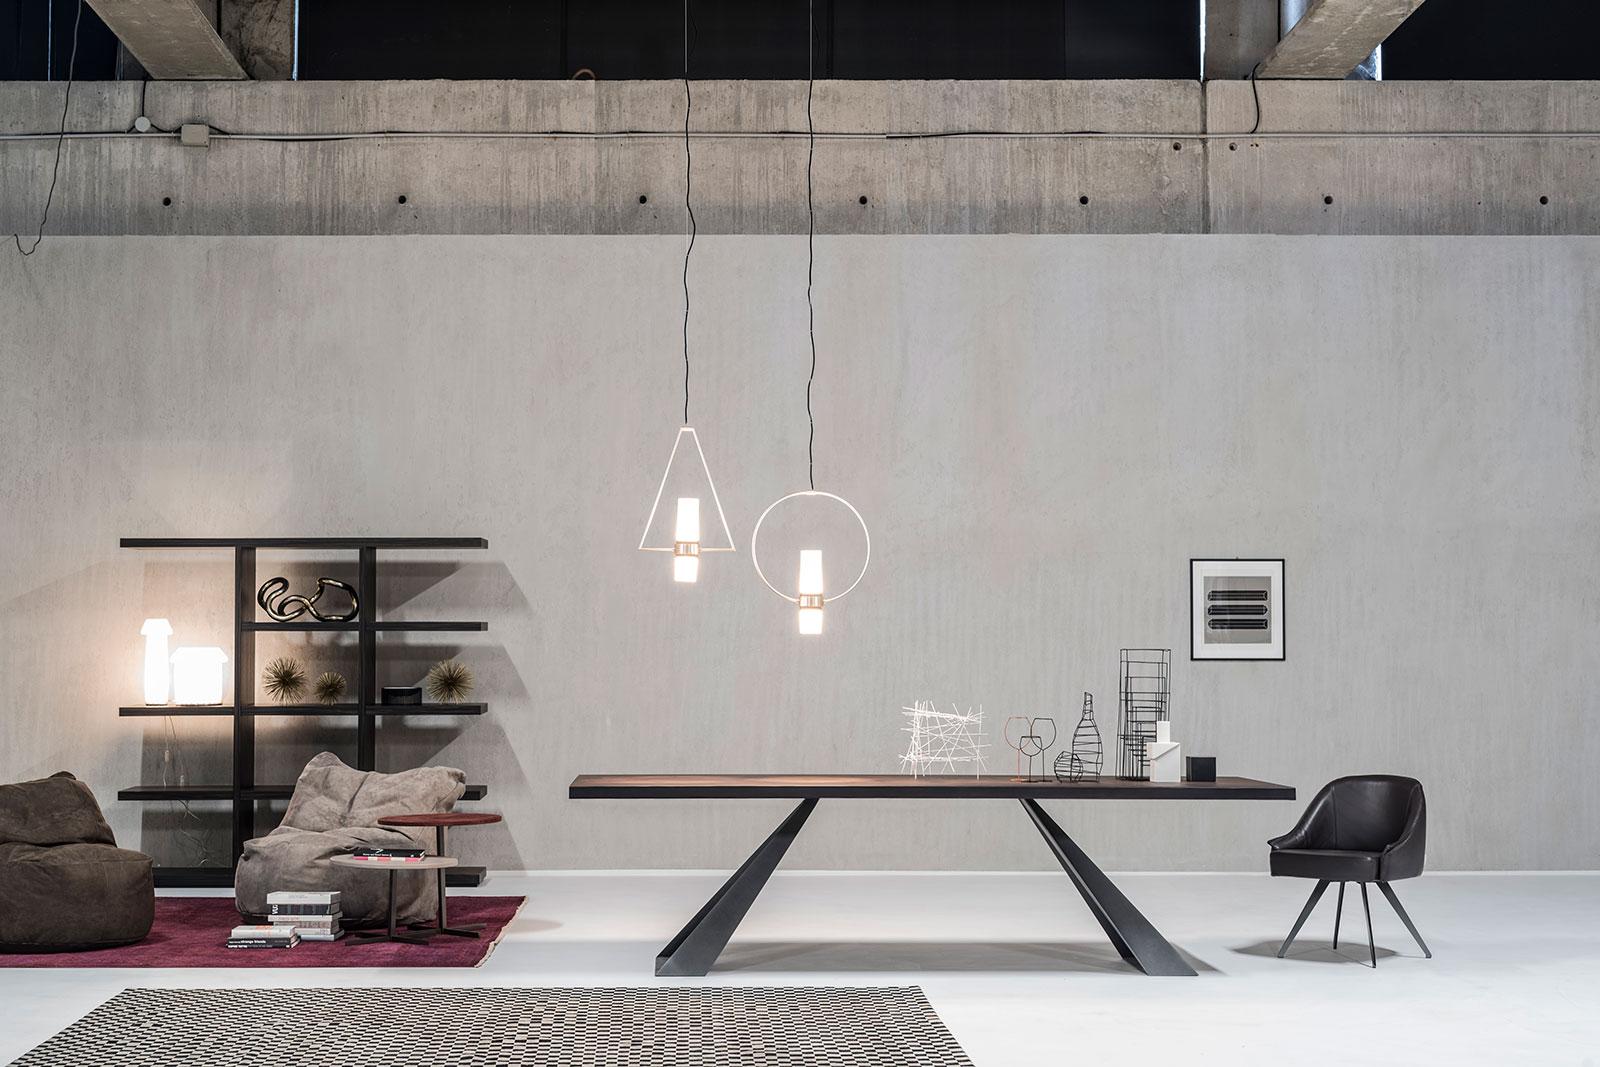 Tavolo rettangolare in legno e metallo. Vendita online di tavoli da pranzo made in Italy con consegna gratuita. Tavoli di lusso artigianale in legno, pelle.